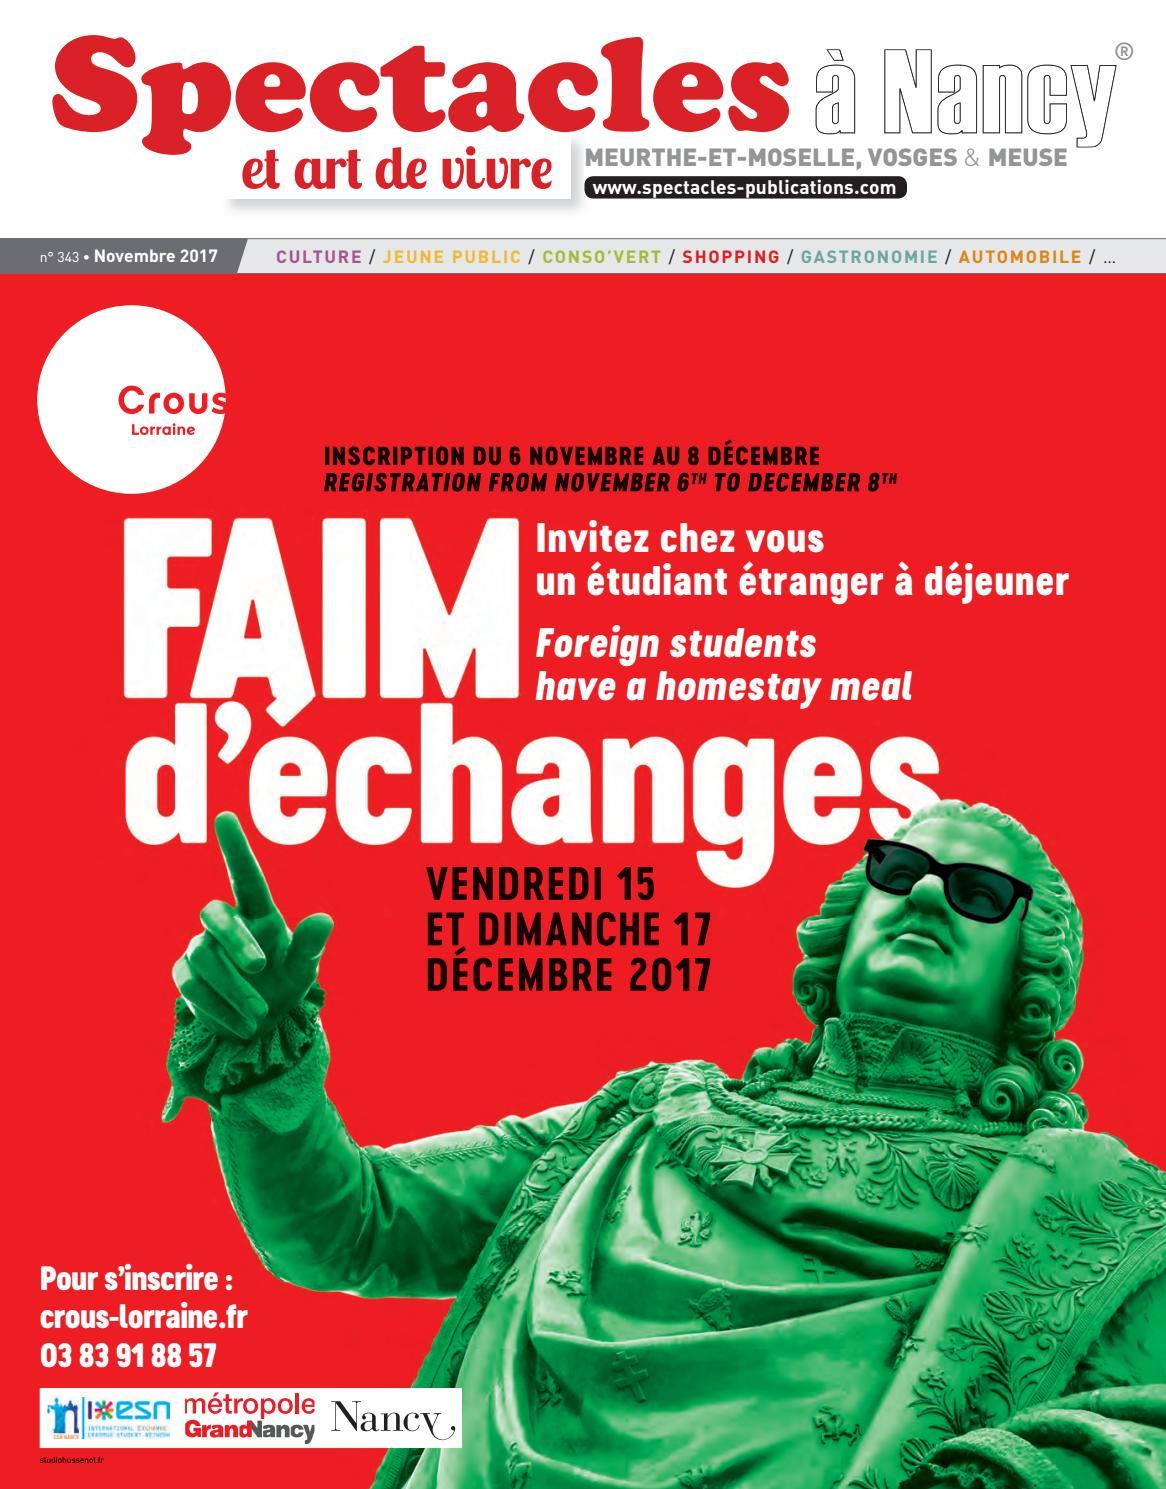 Contemplative Publicité Advertising 1970 Académie Cremes Solaires Online Shop Collectibles